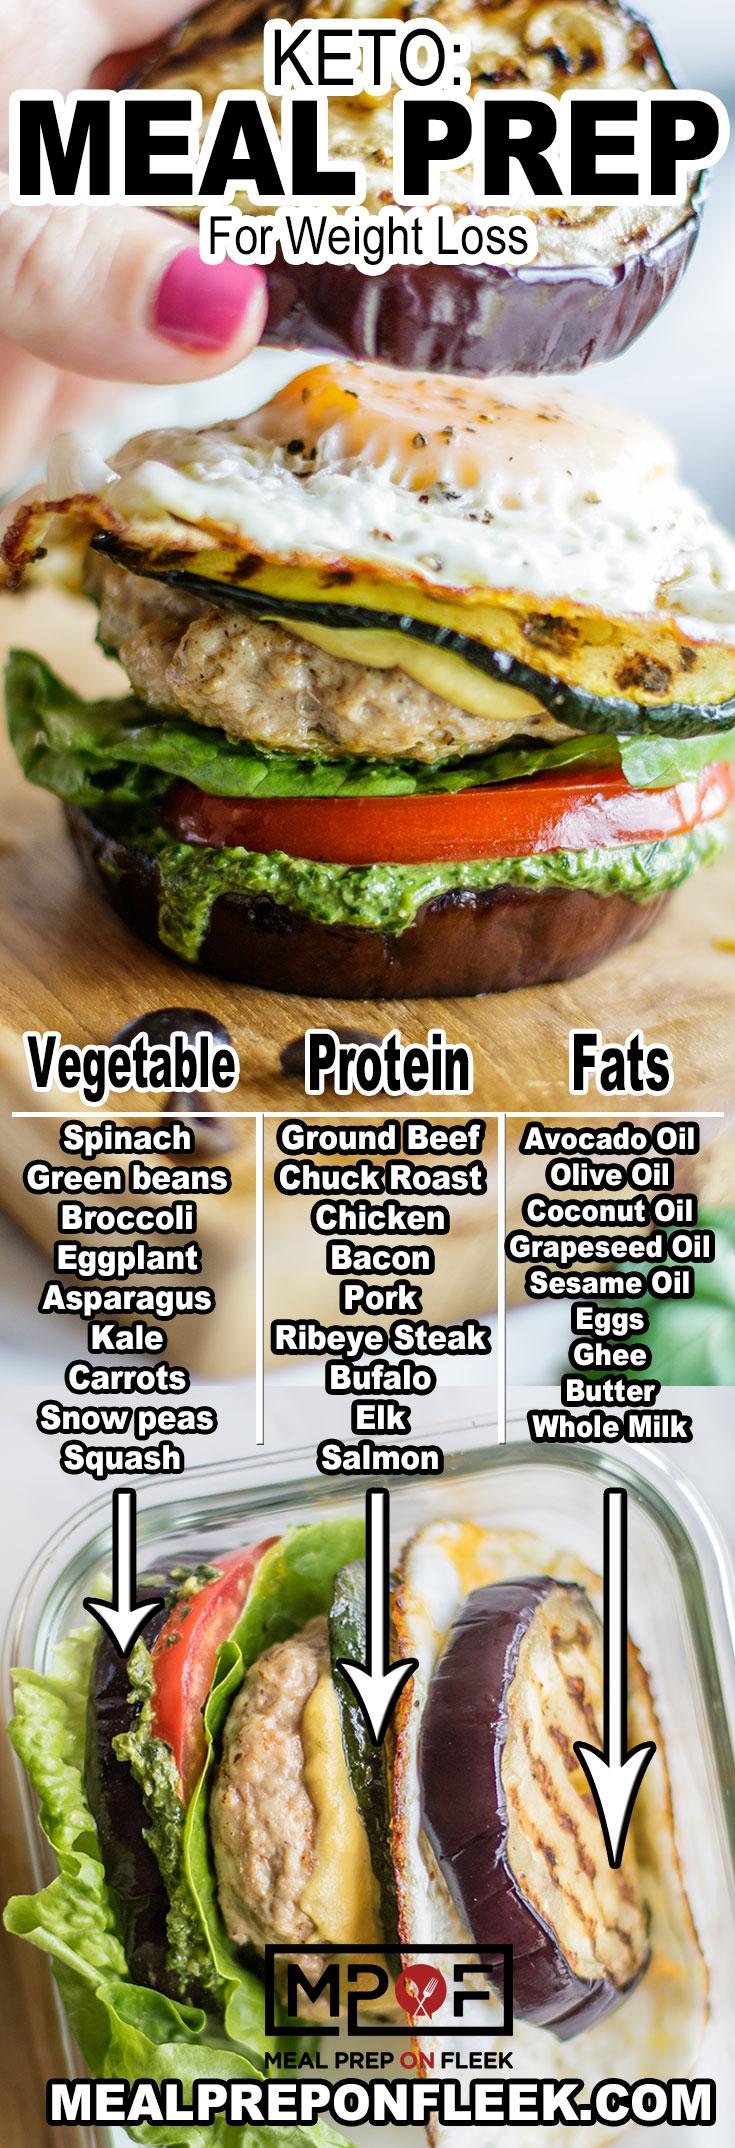 Keto Diet Meal Prep 101